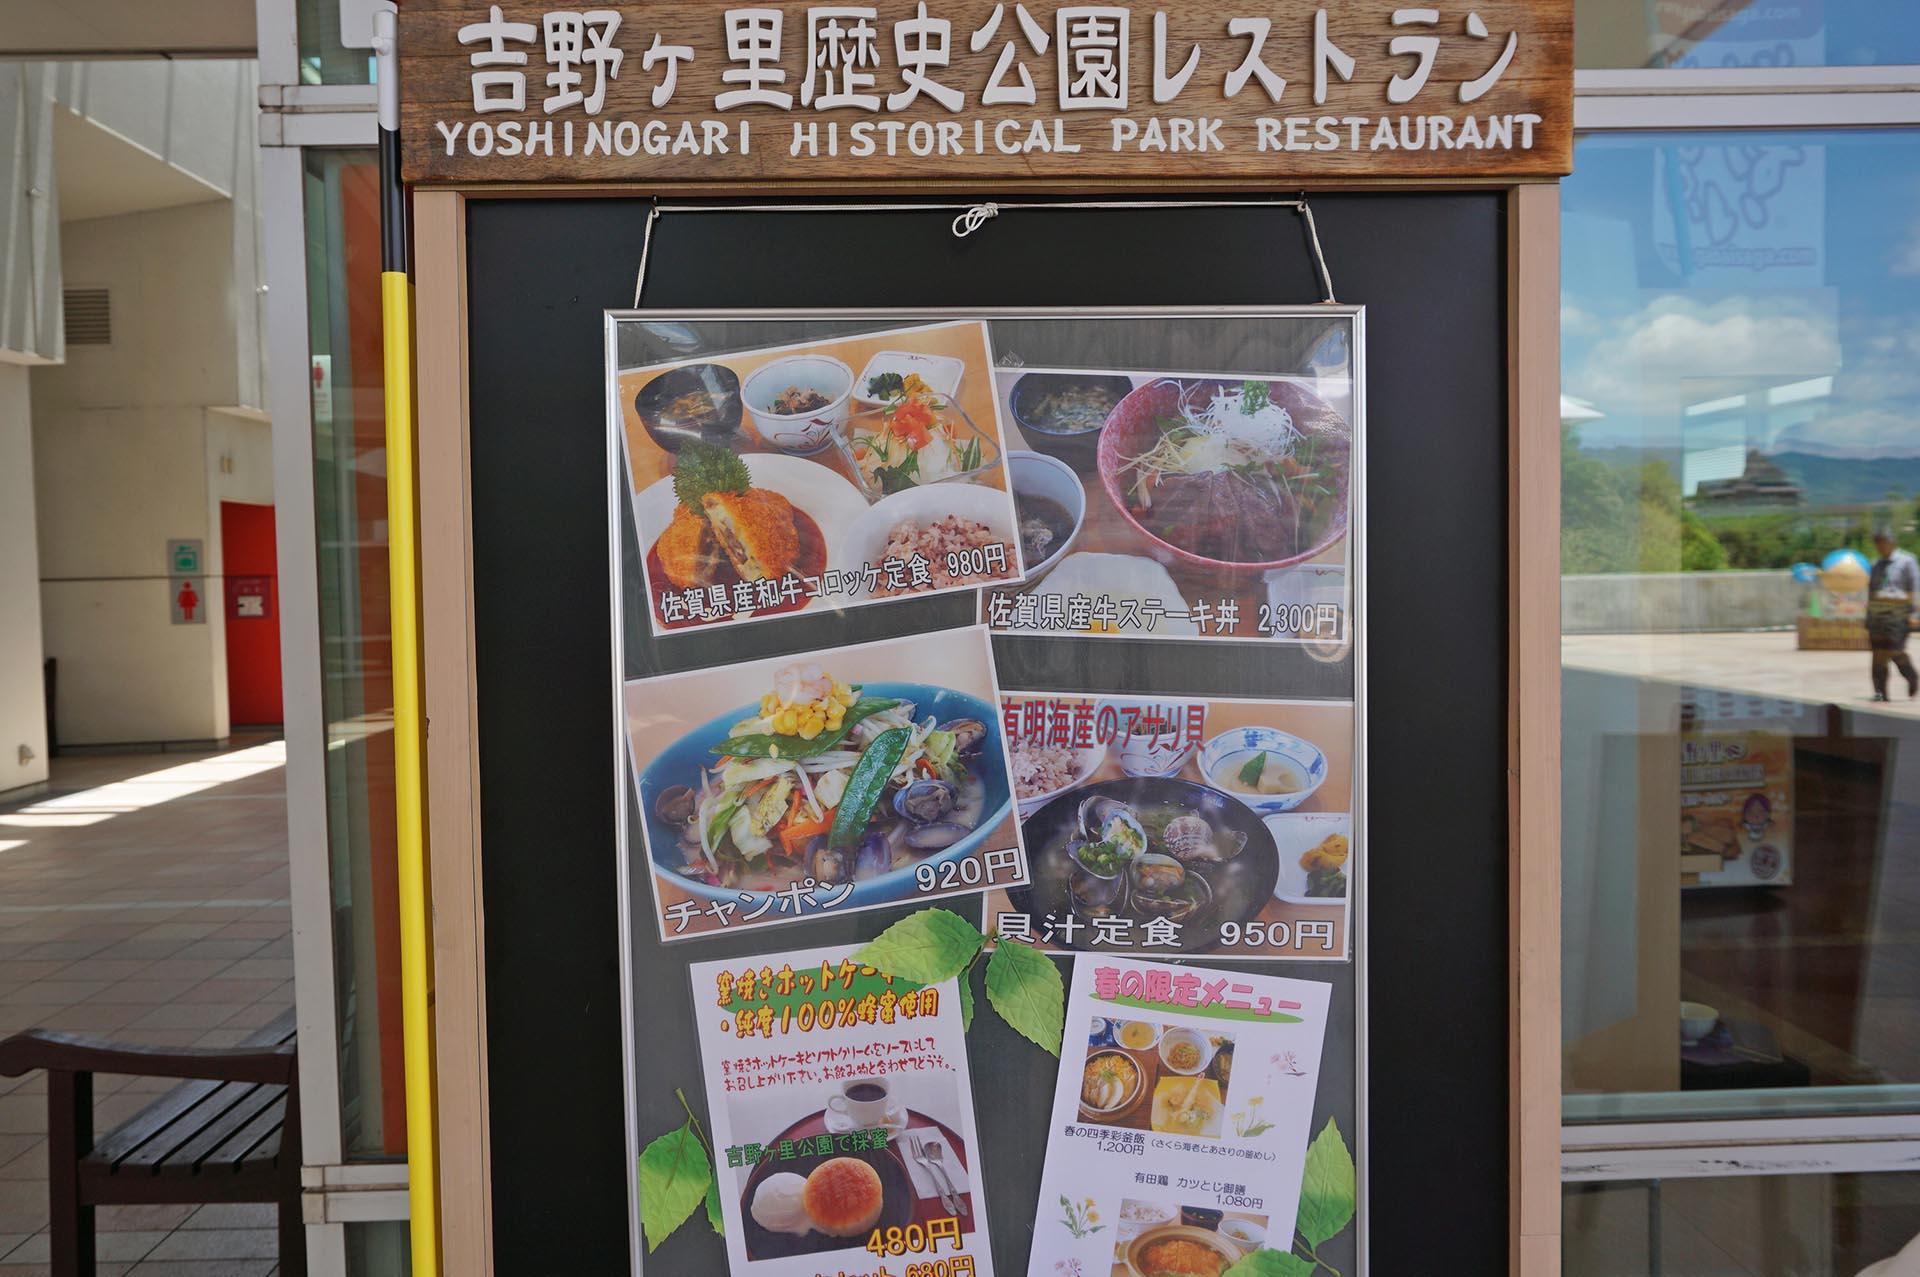 吉野ヶ里歴史公園レストラン